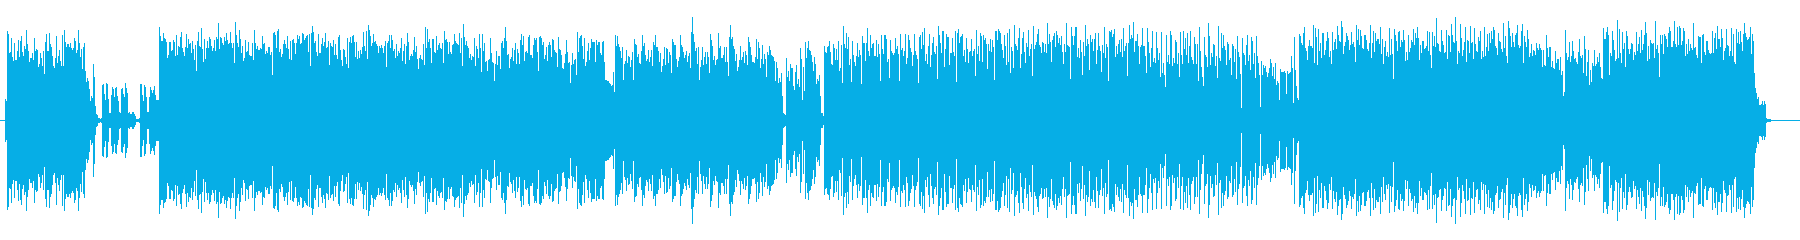 陽気で楽しいシンセサイザーEDMの再生済みの波形